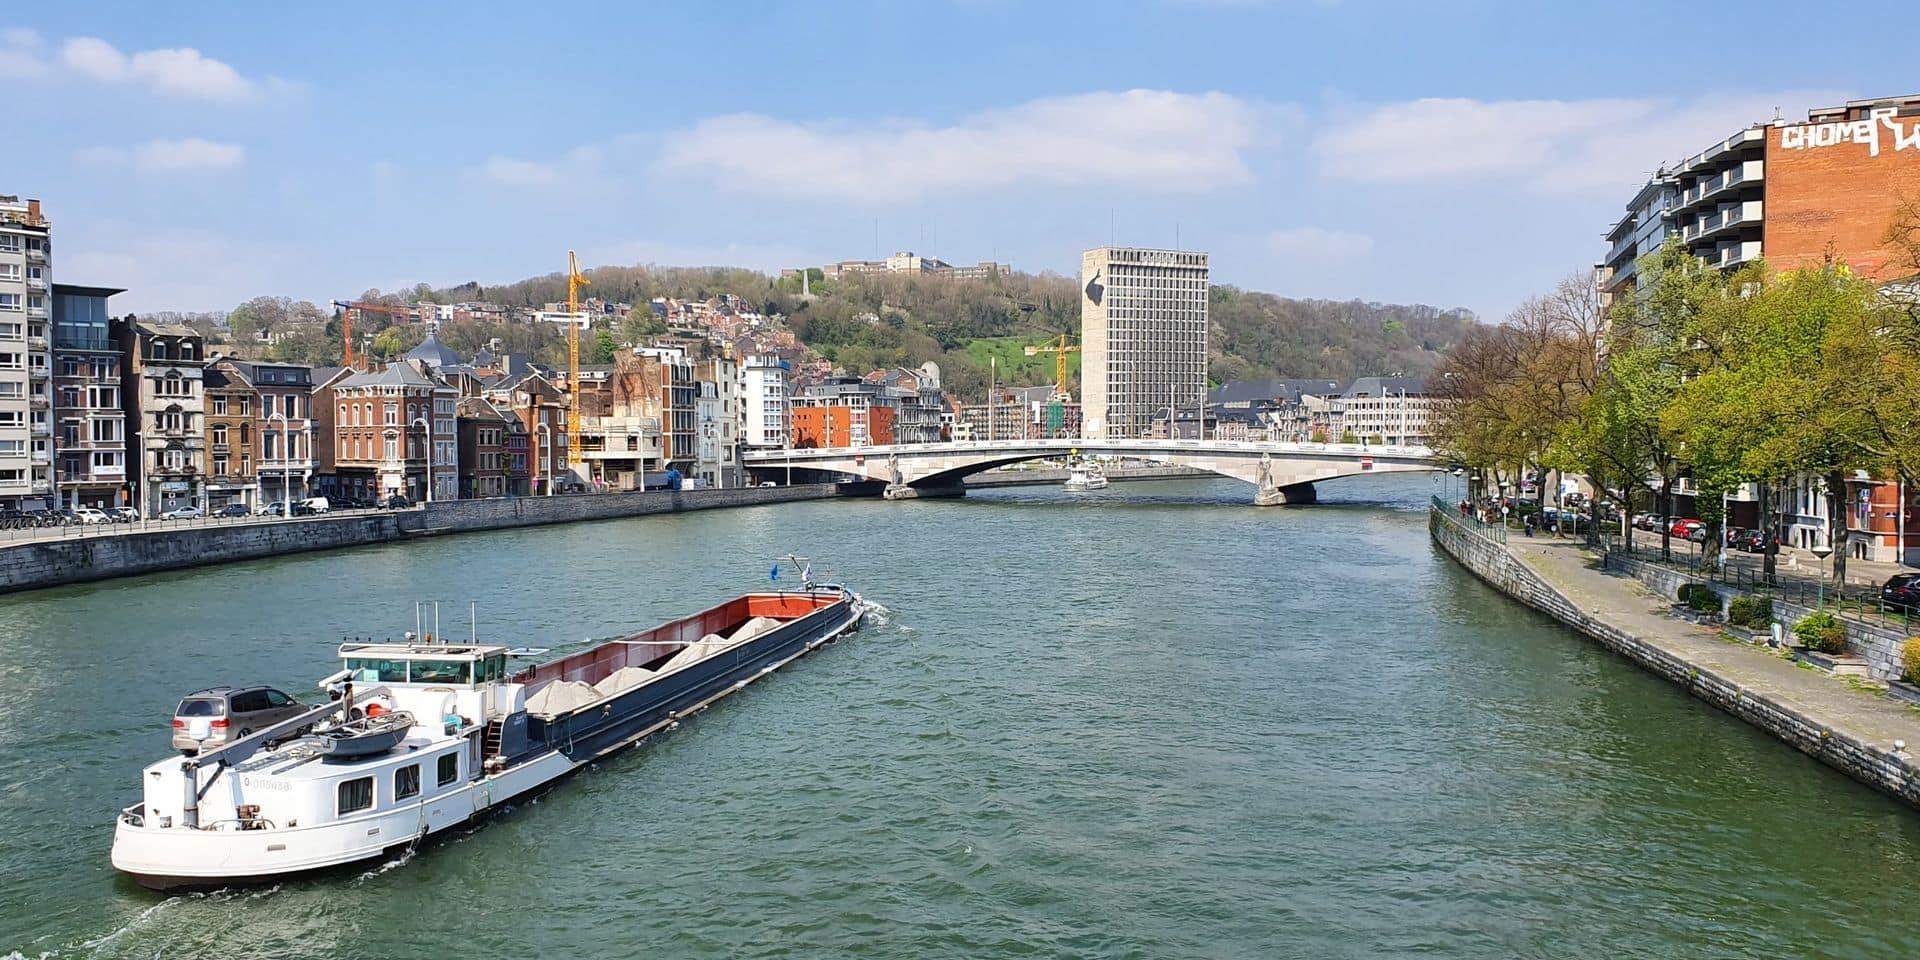 Le collège communal de Liège approuve un deuxième plan de relance de 15,7 millions d'euros